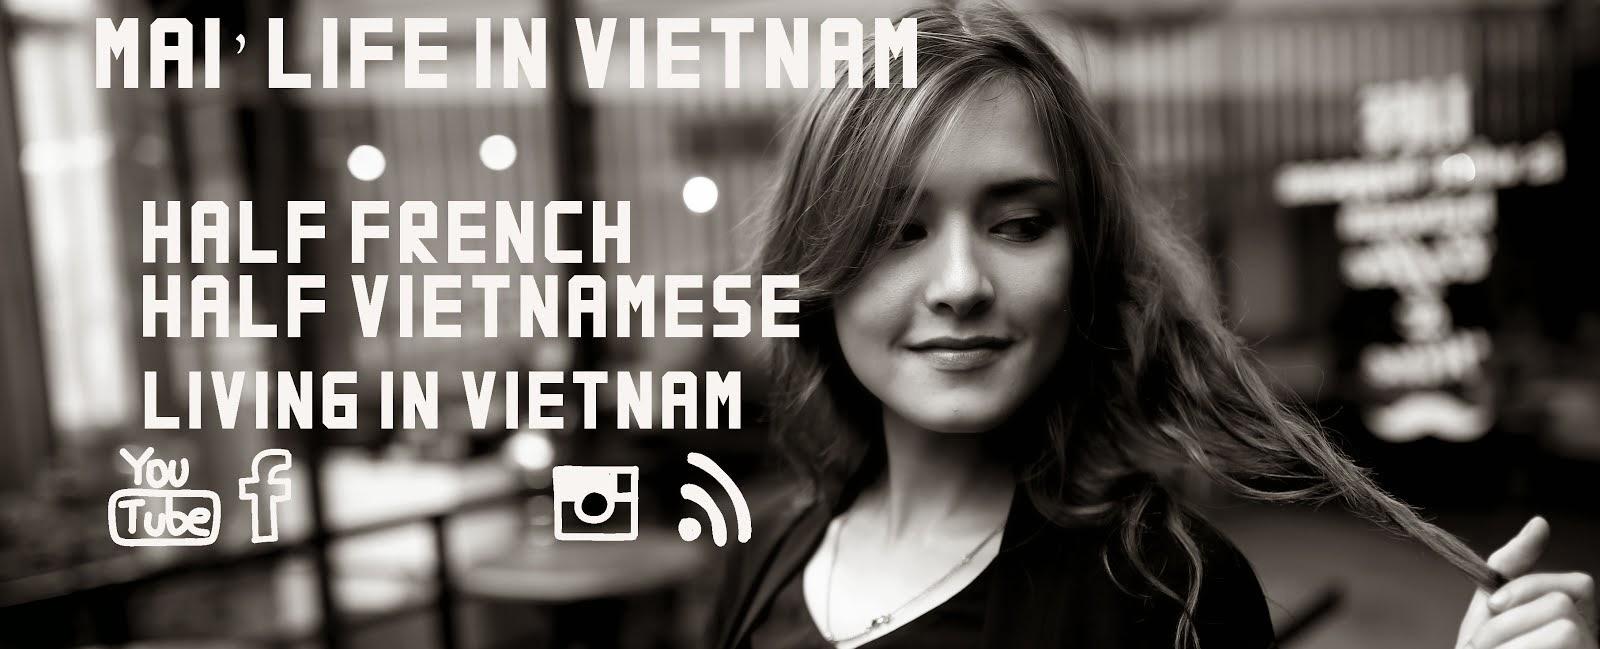 Mai Life in Vietnam